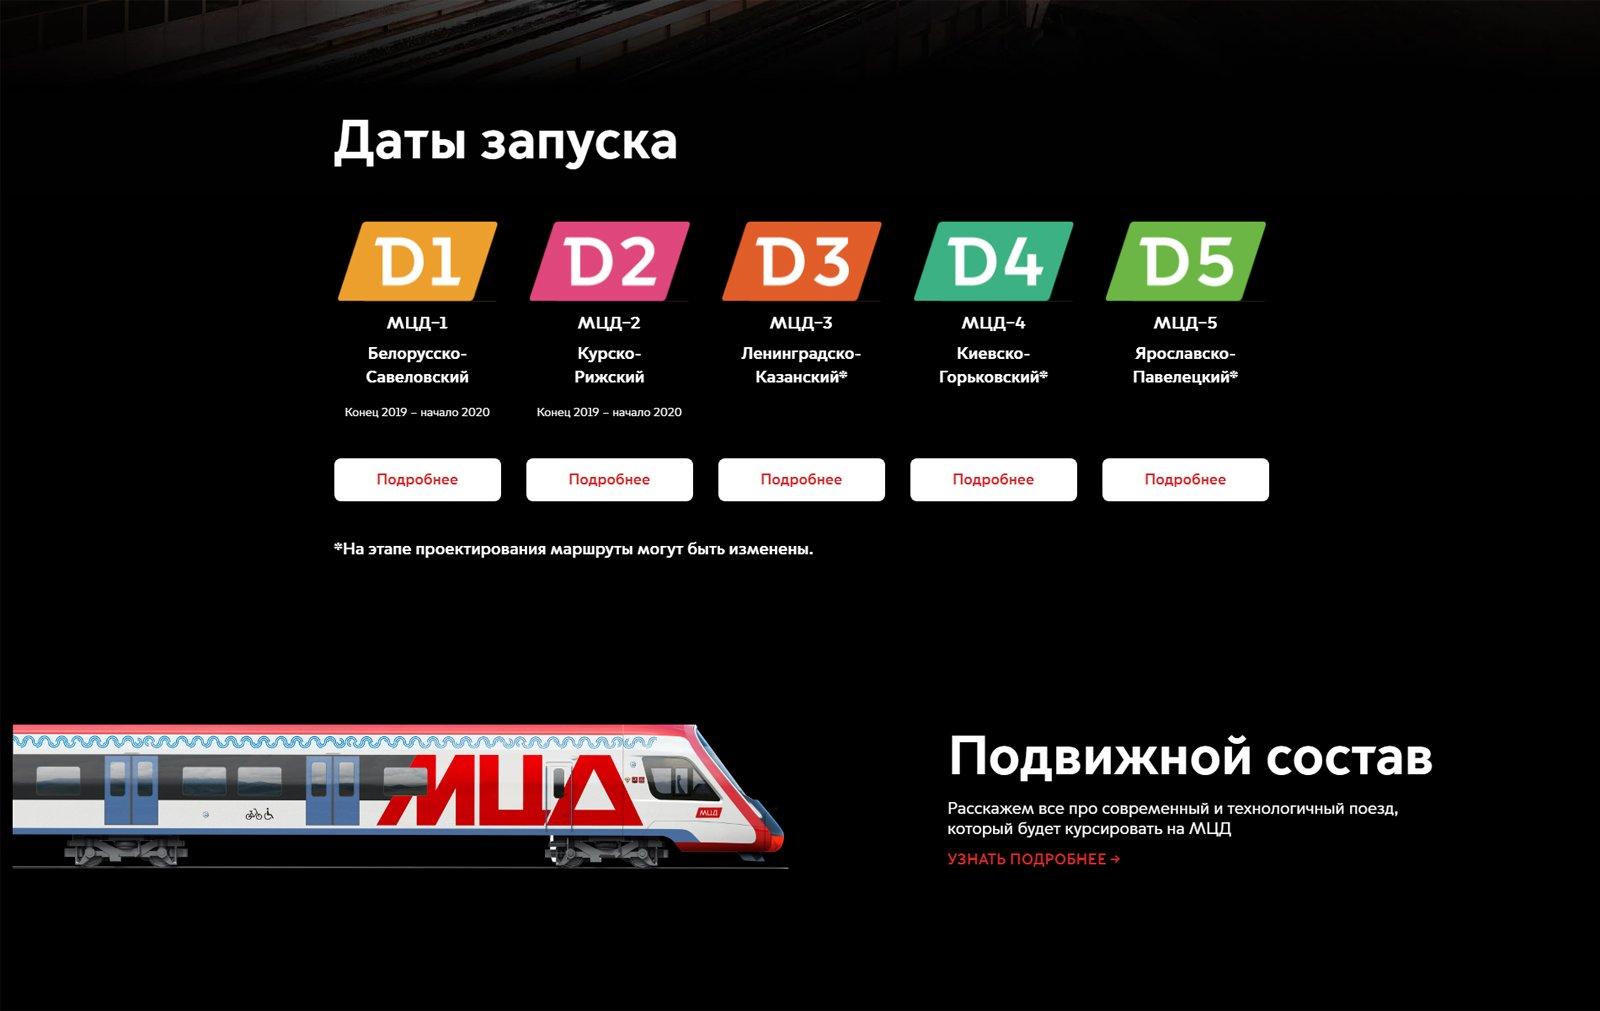 Время в пути, удобные маршруты и форма обратной связи: на сайте метро открыли раздел о МЦД